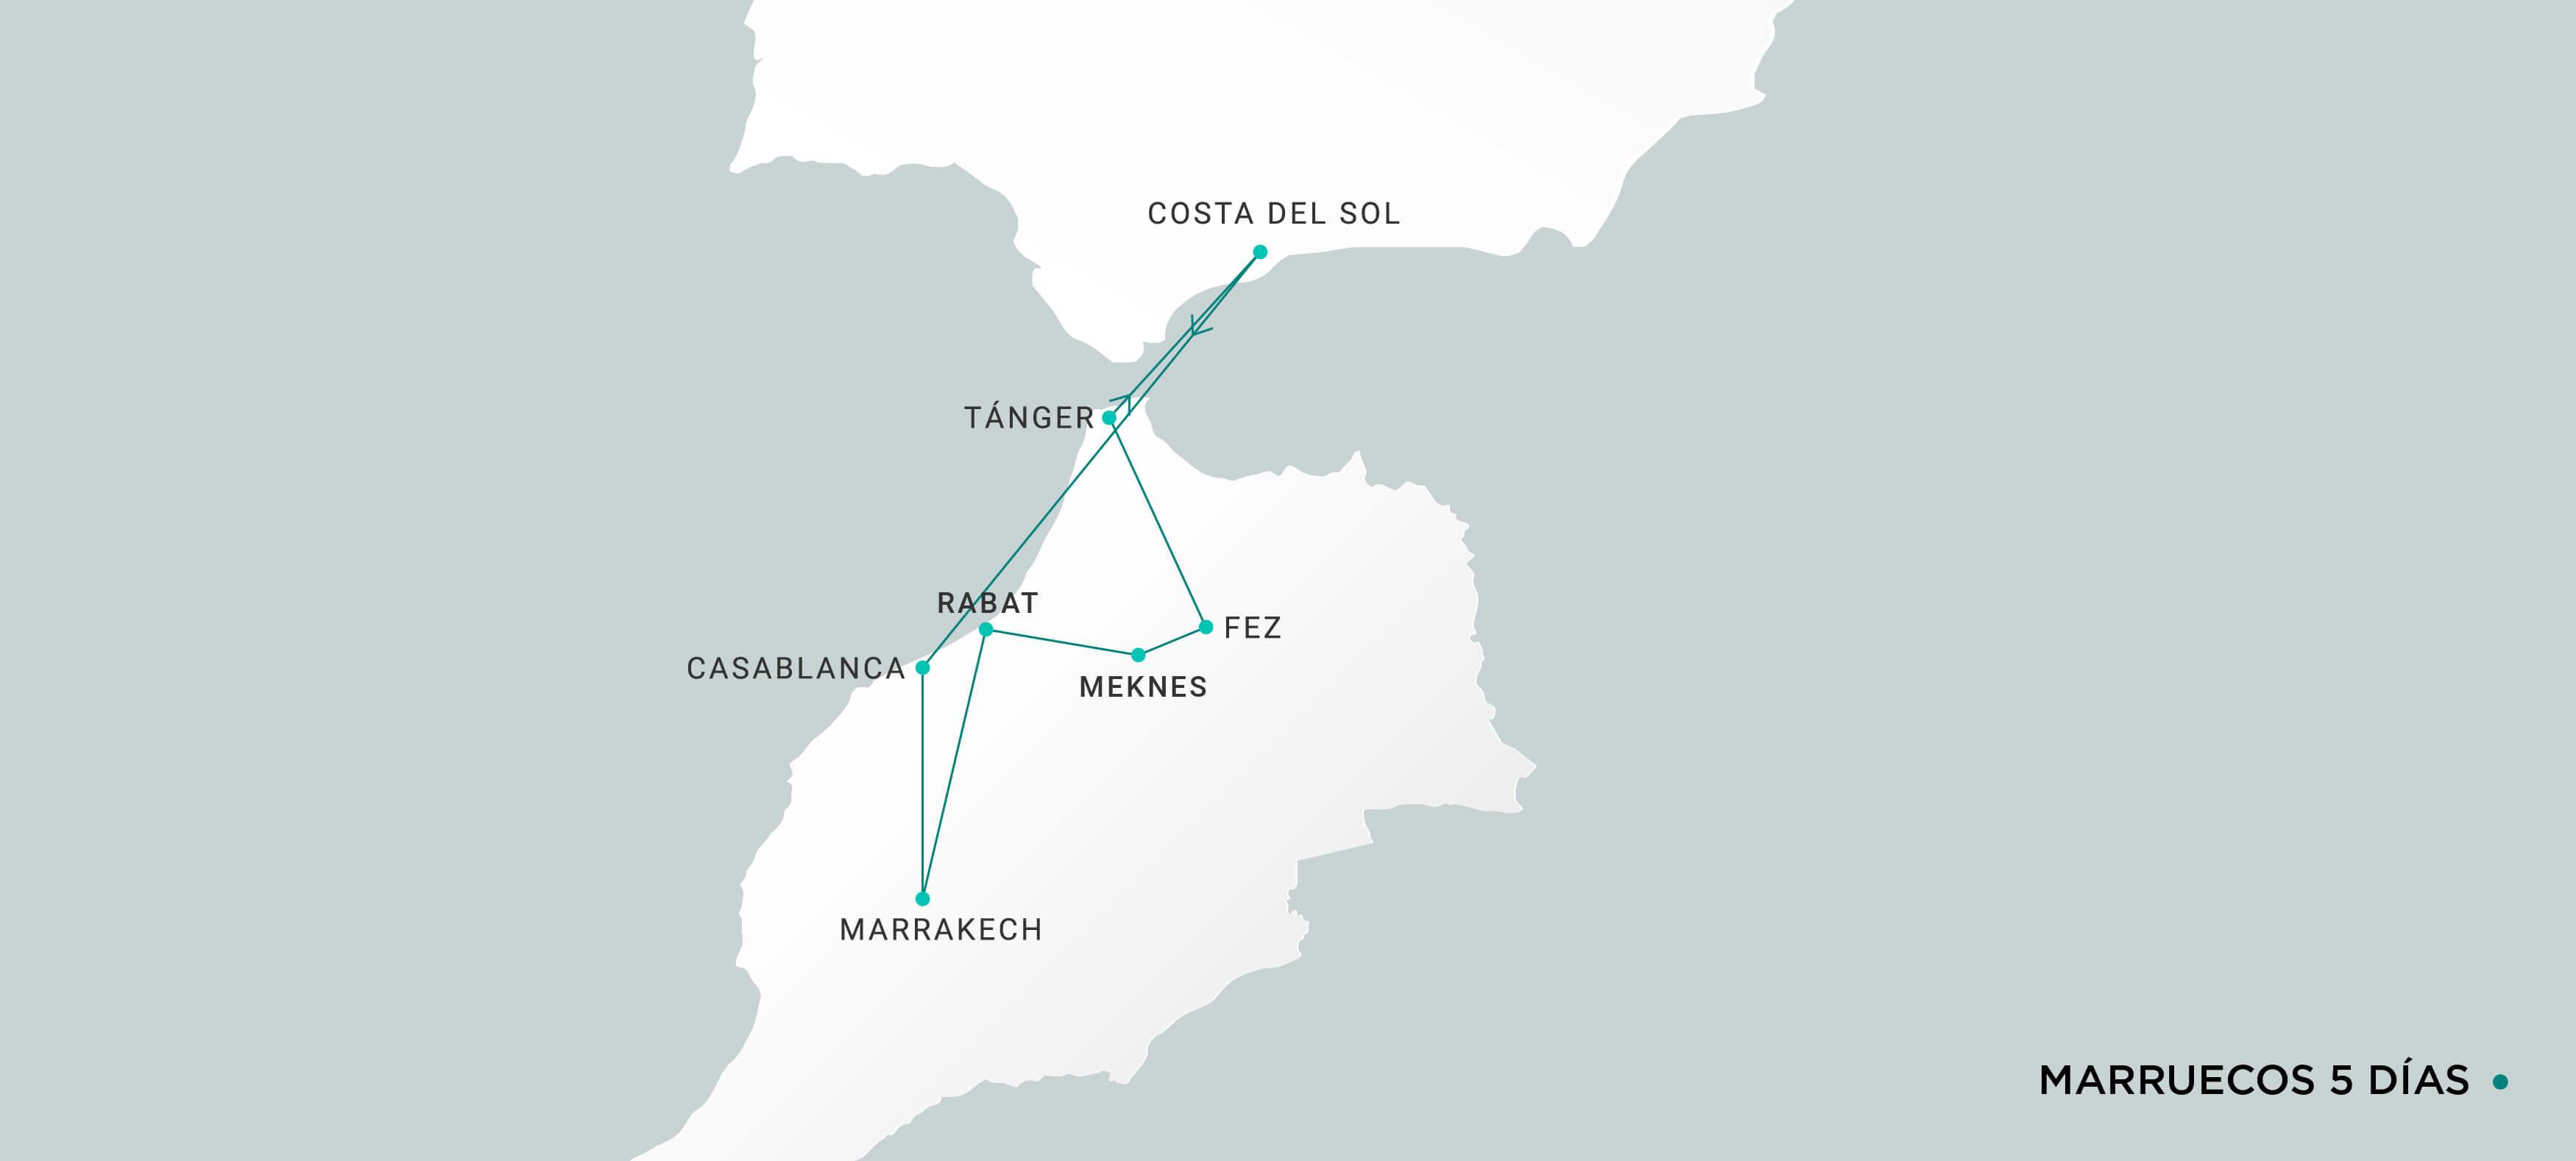 Mapa Marruecos 5 días